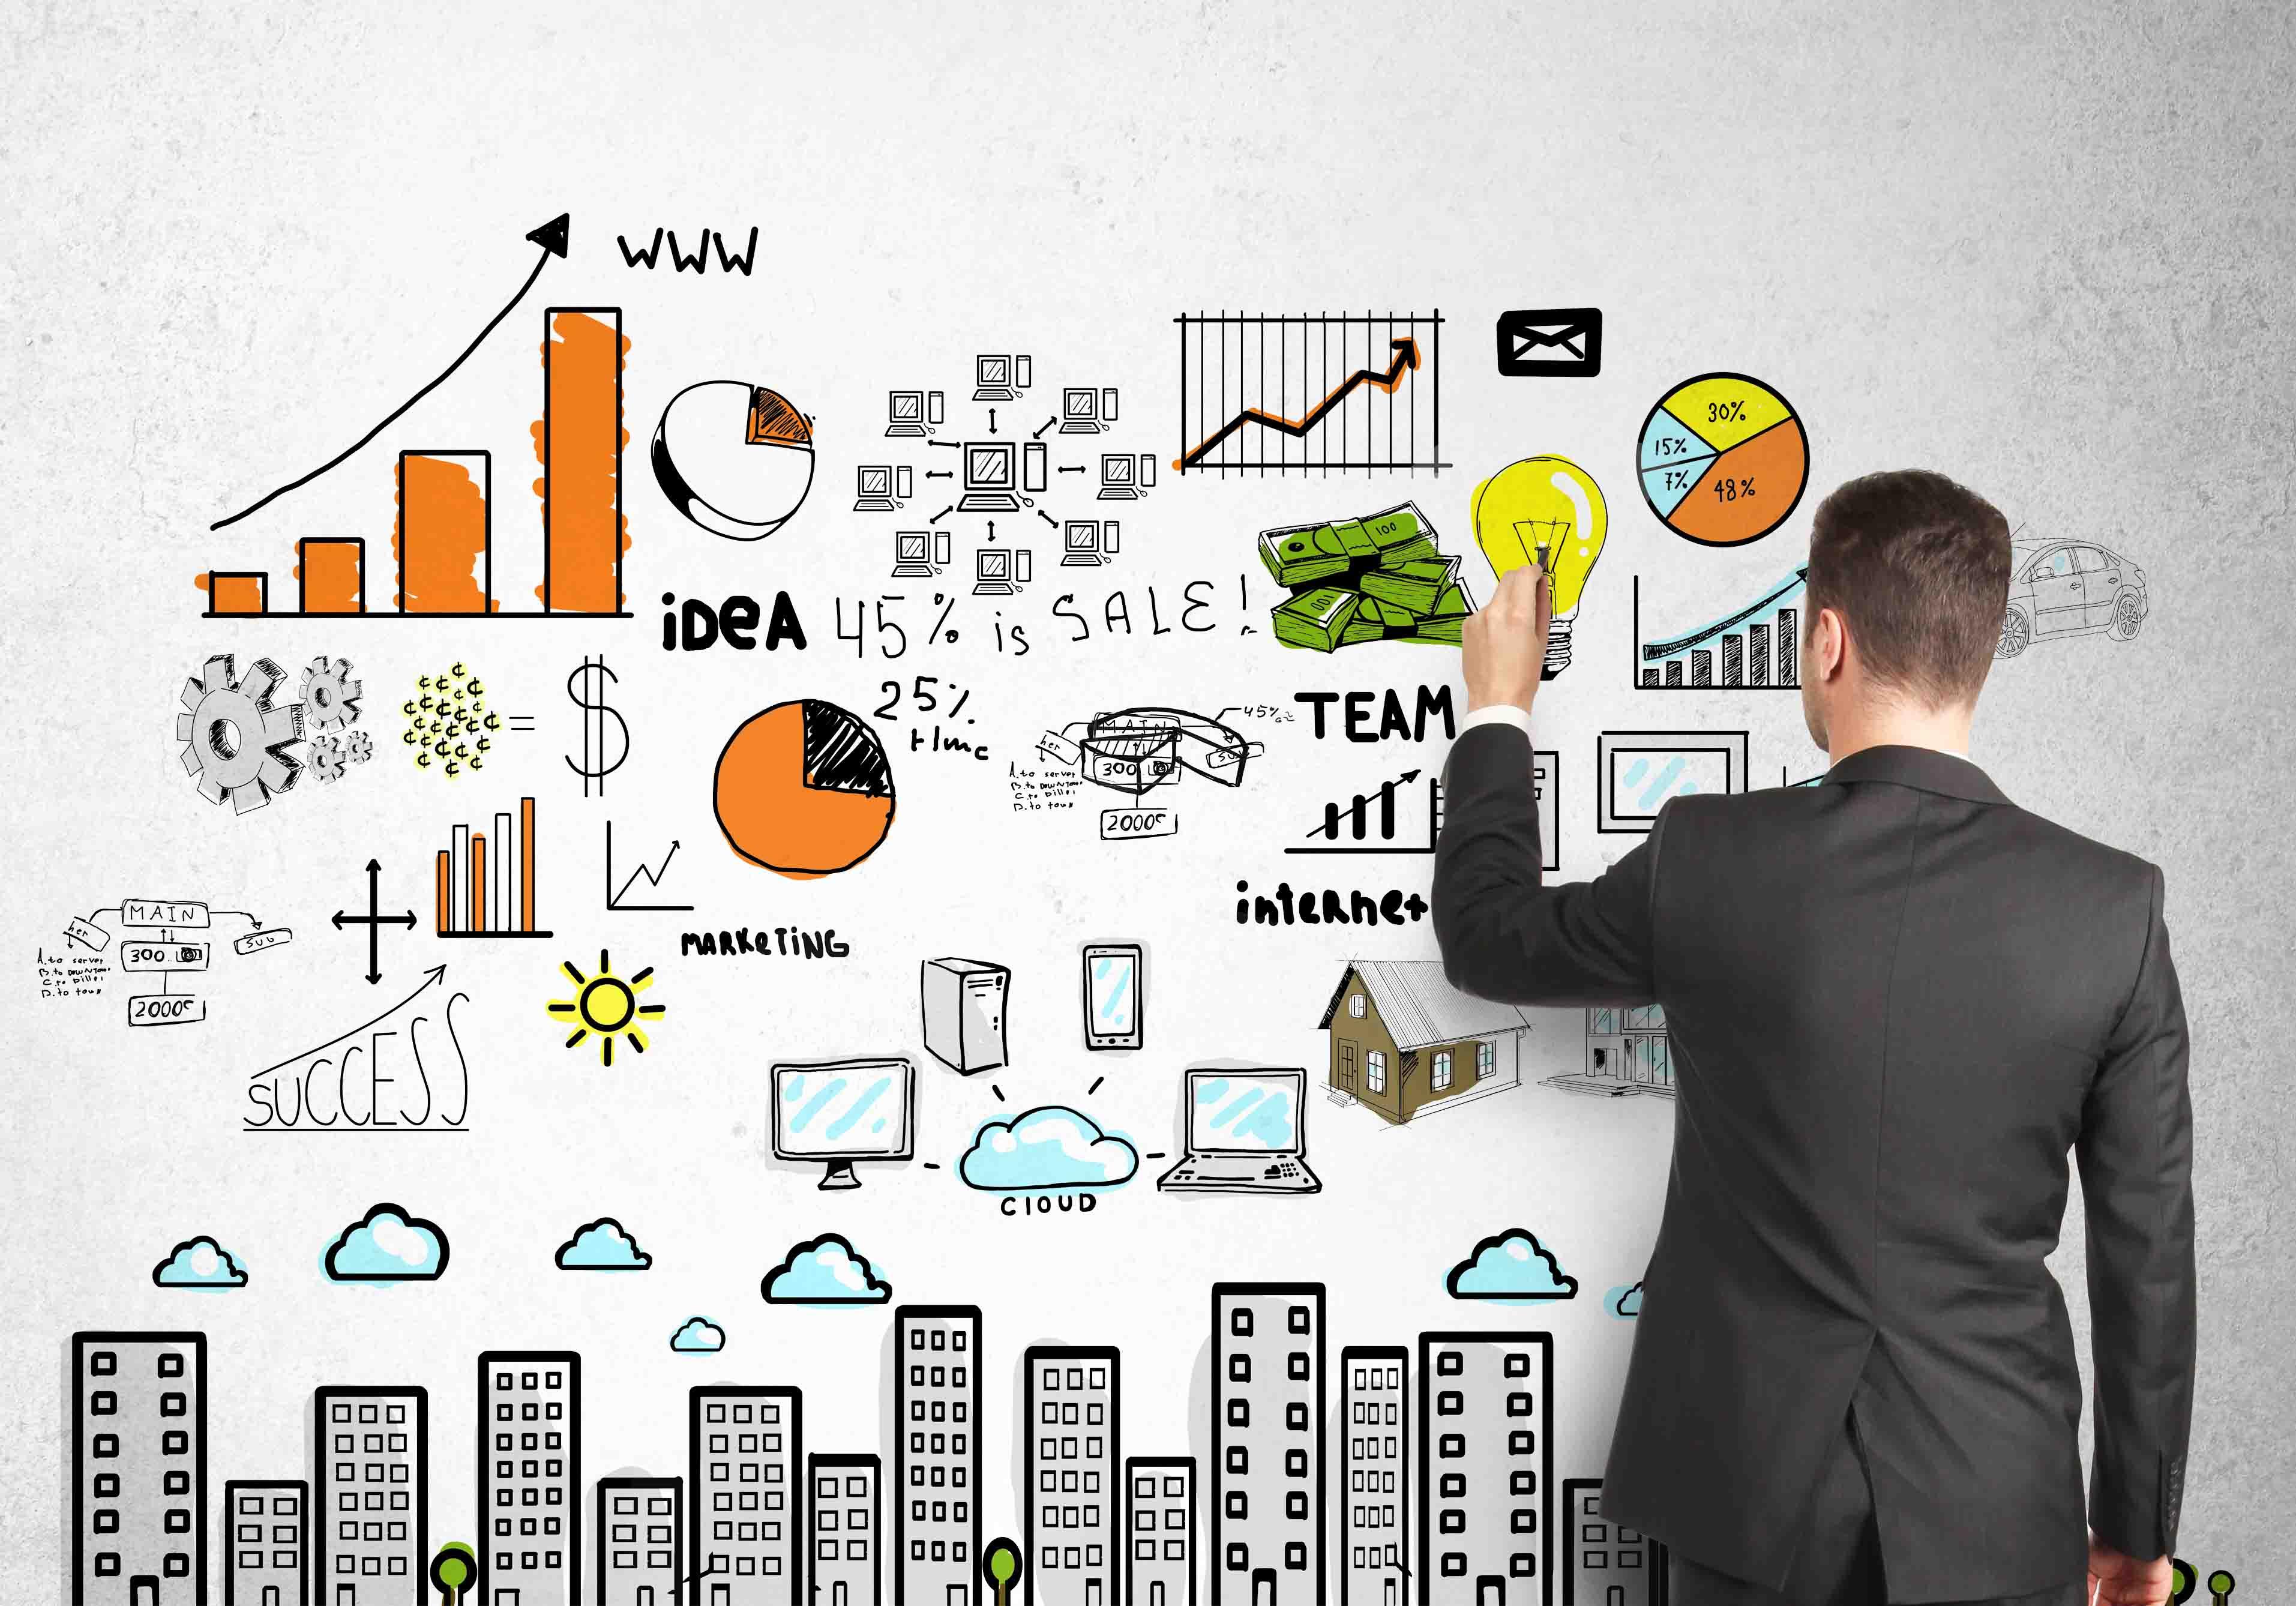 Seria o marketing a 'alma do seu negócio'?